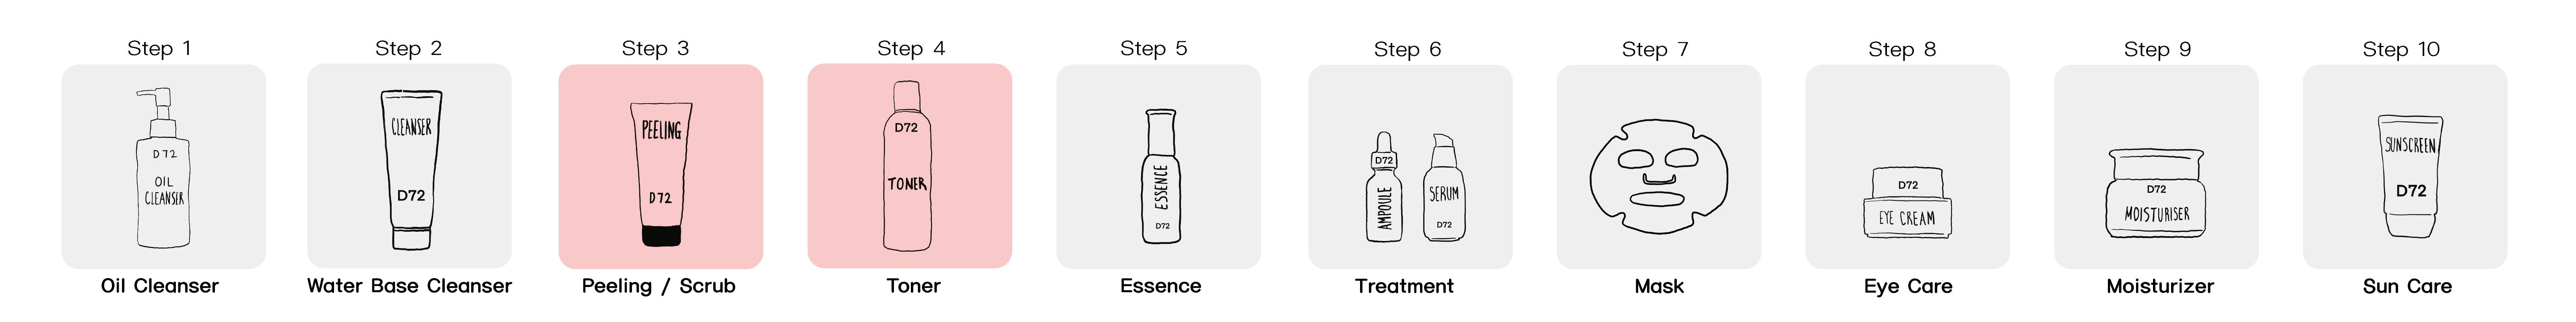 step-3-4.jpg